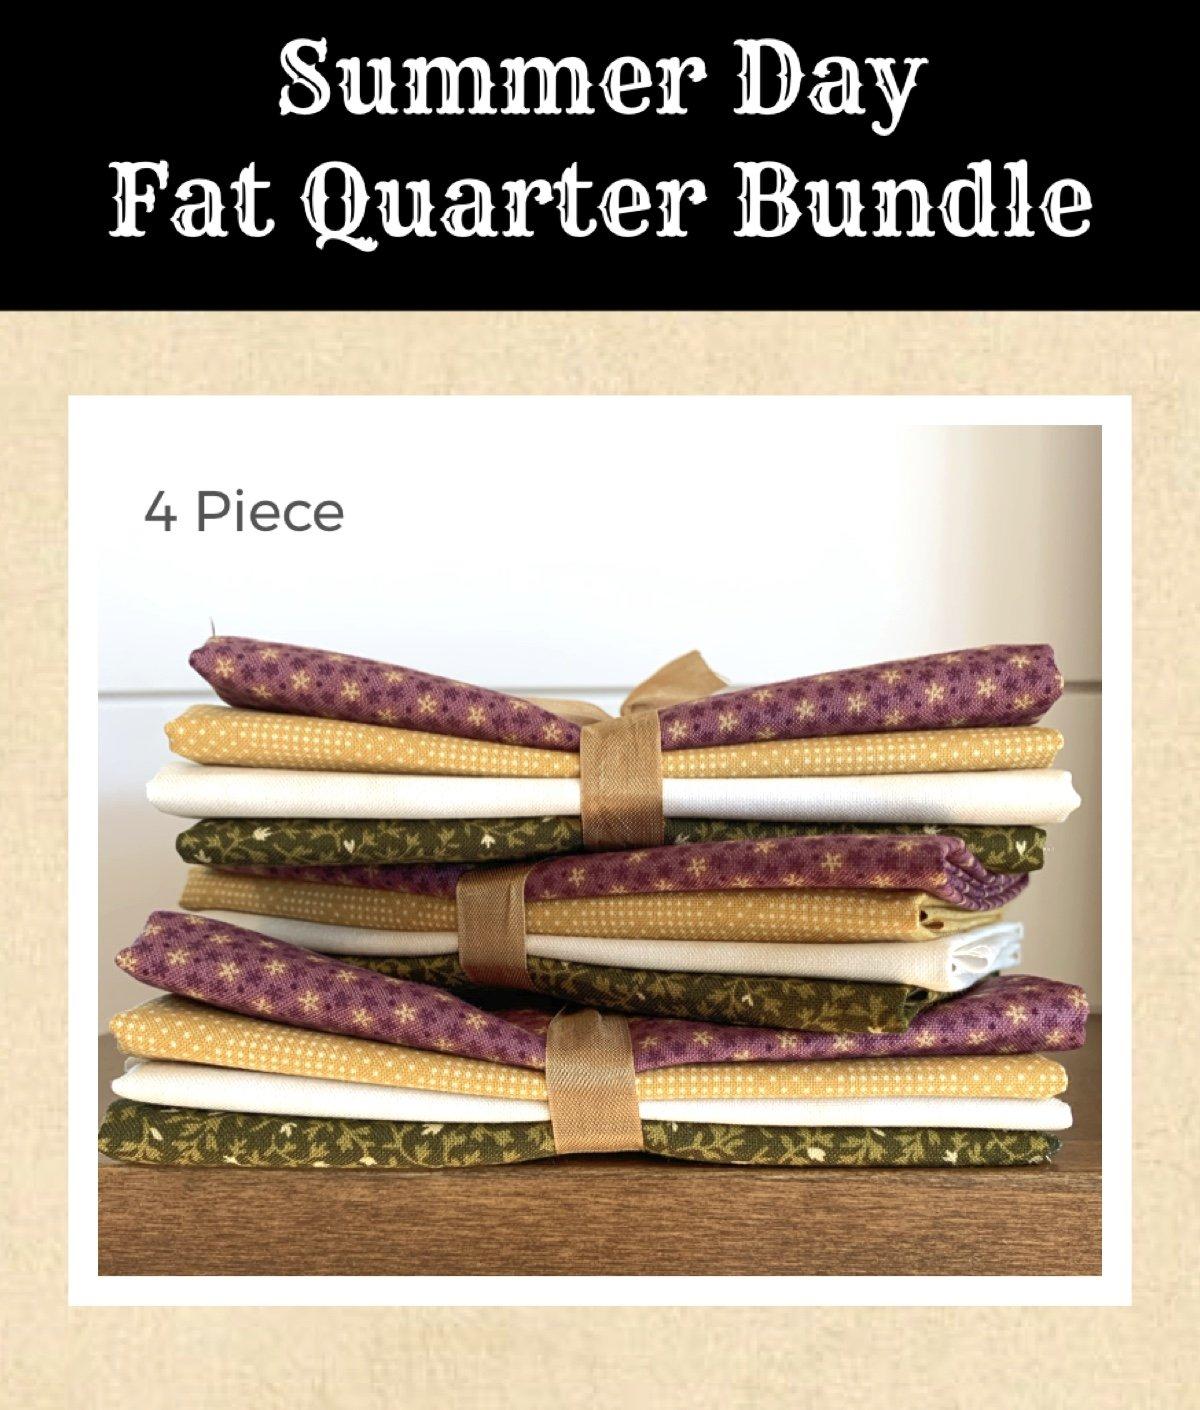 Summer Day Fat Quarter Bundle